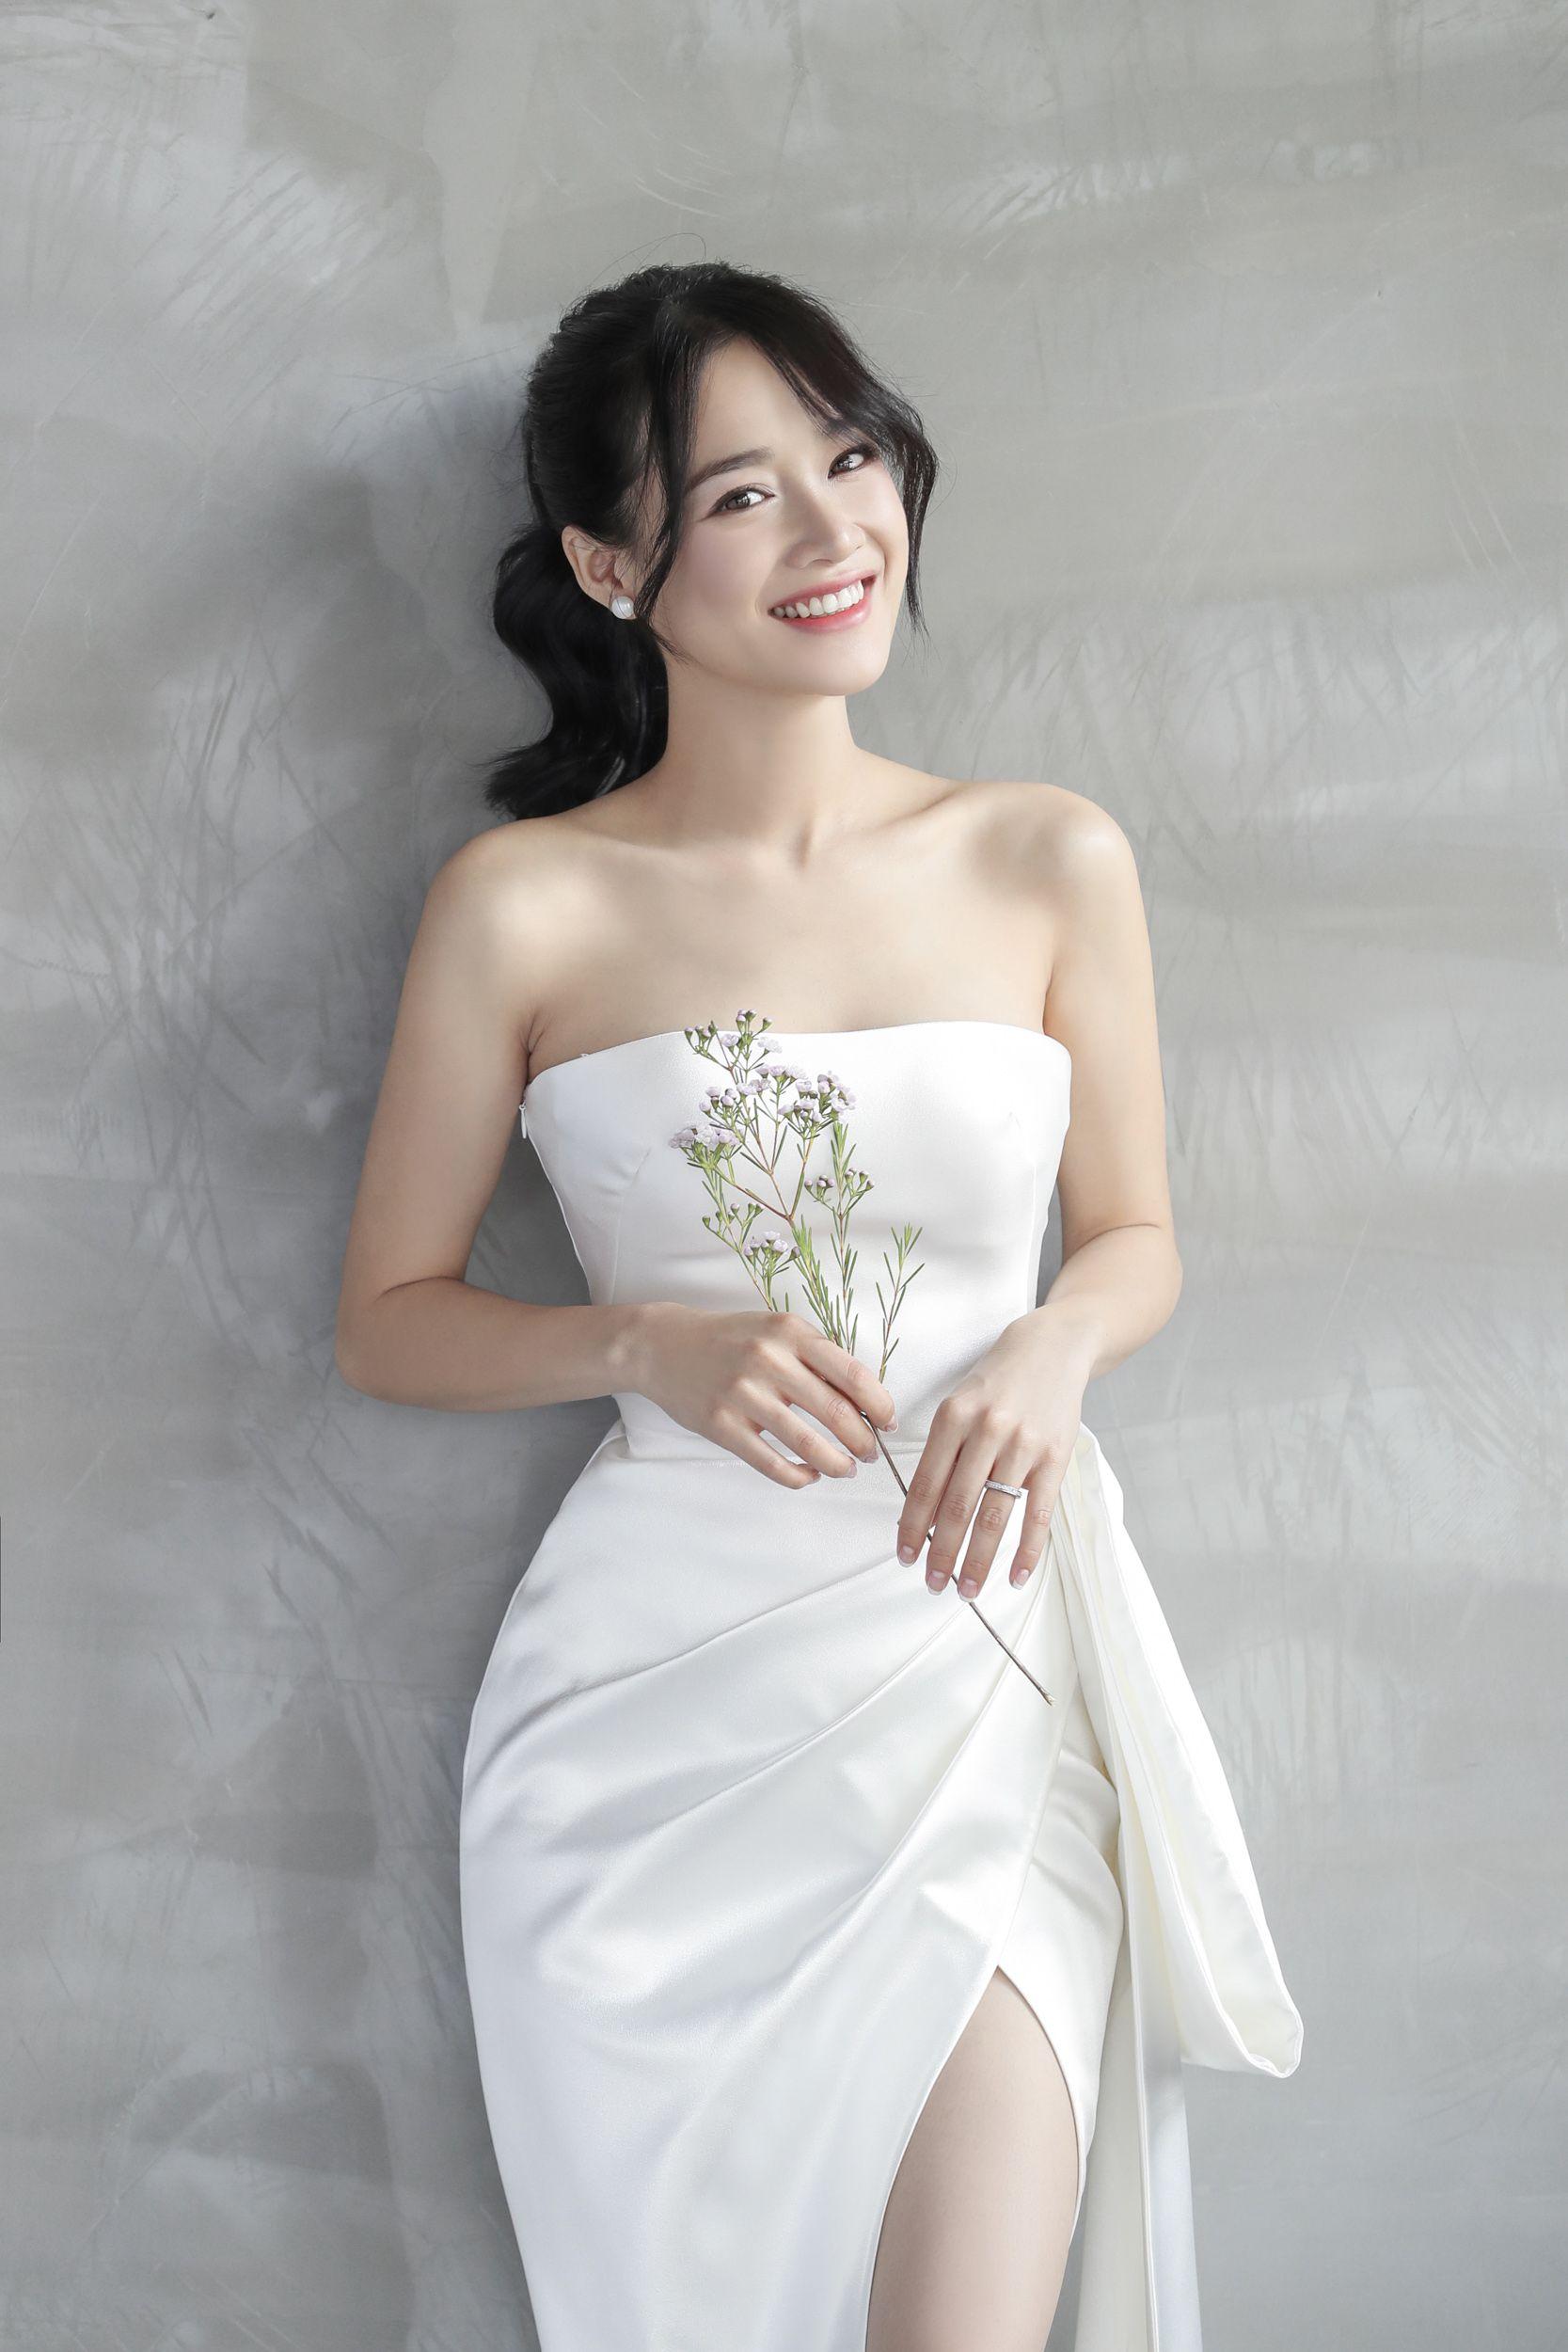 HOT: Trọn bộ ảnh cưới của Nhã Phương - Trường Giang: Lãng mạn, ngọt ngào từng khoảnh khắc - Yeah1 News